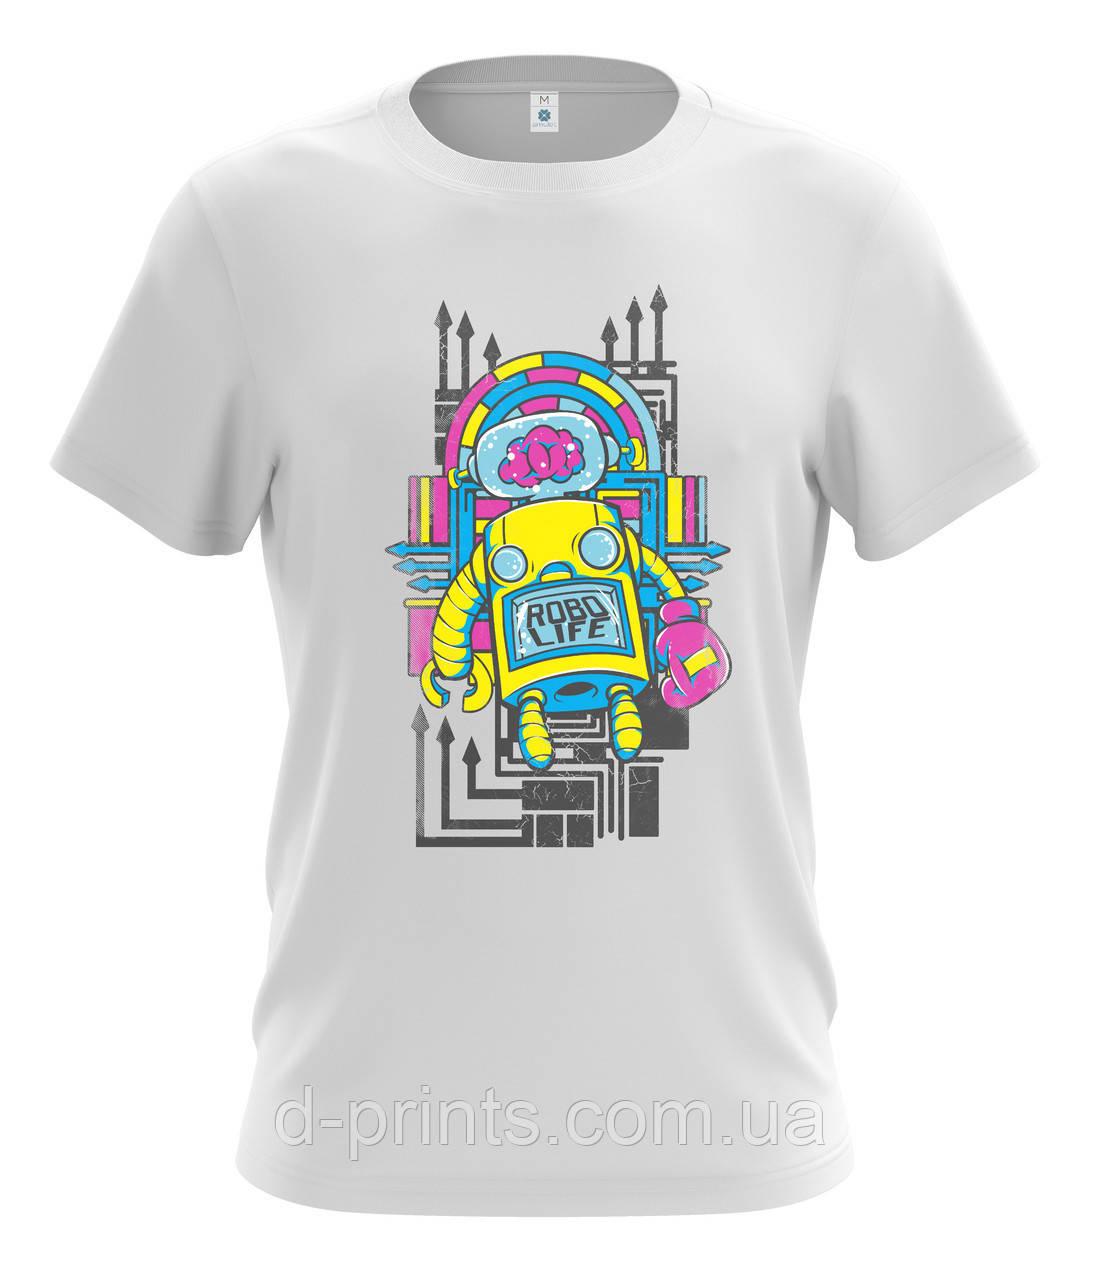 """Футболка мужская с рисунком """"Робот"""" MF-29-24"""